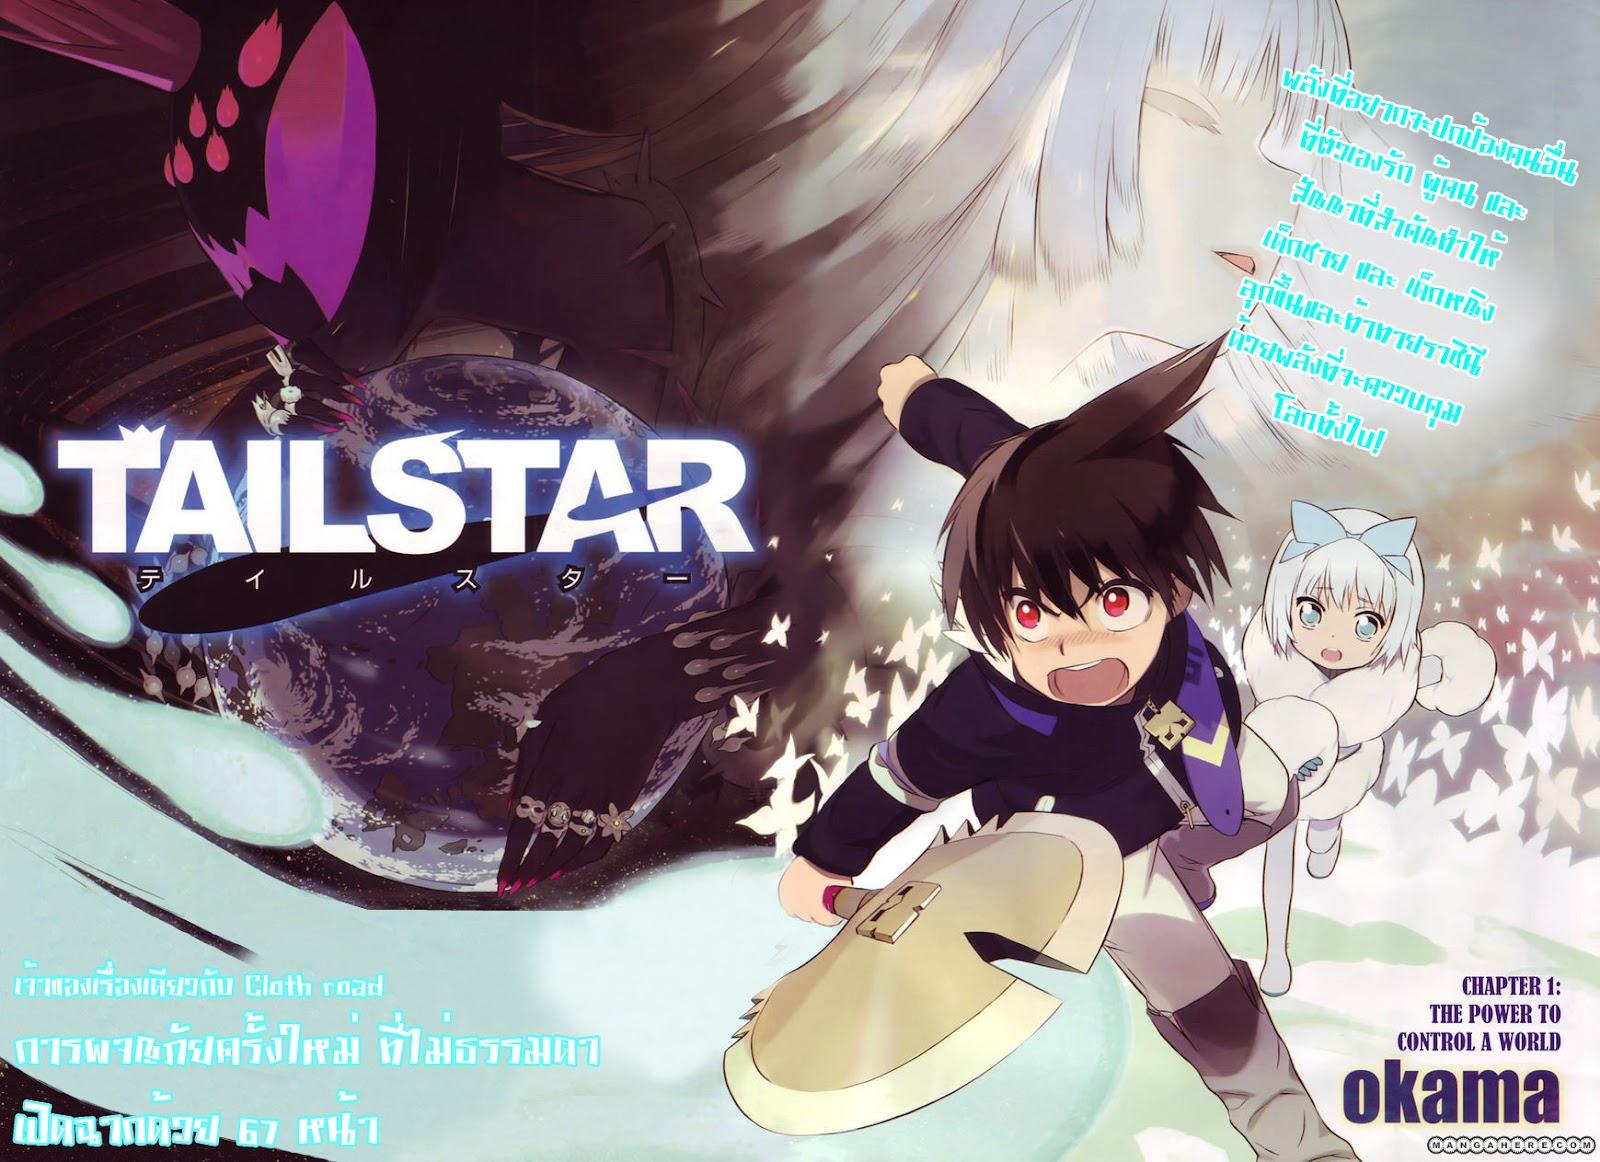 อ่านการ์ตูน Tail star 1 ภาพที่ 3